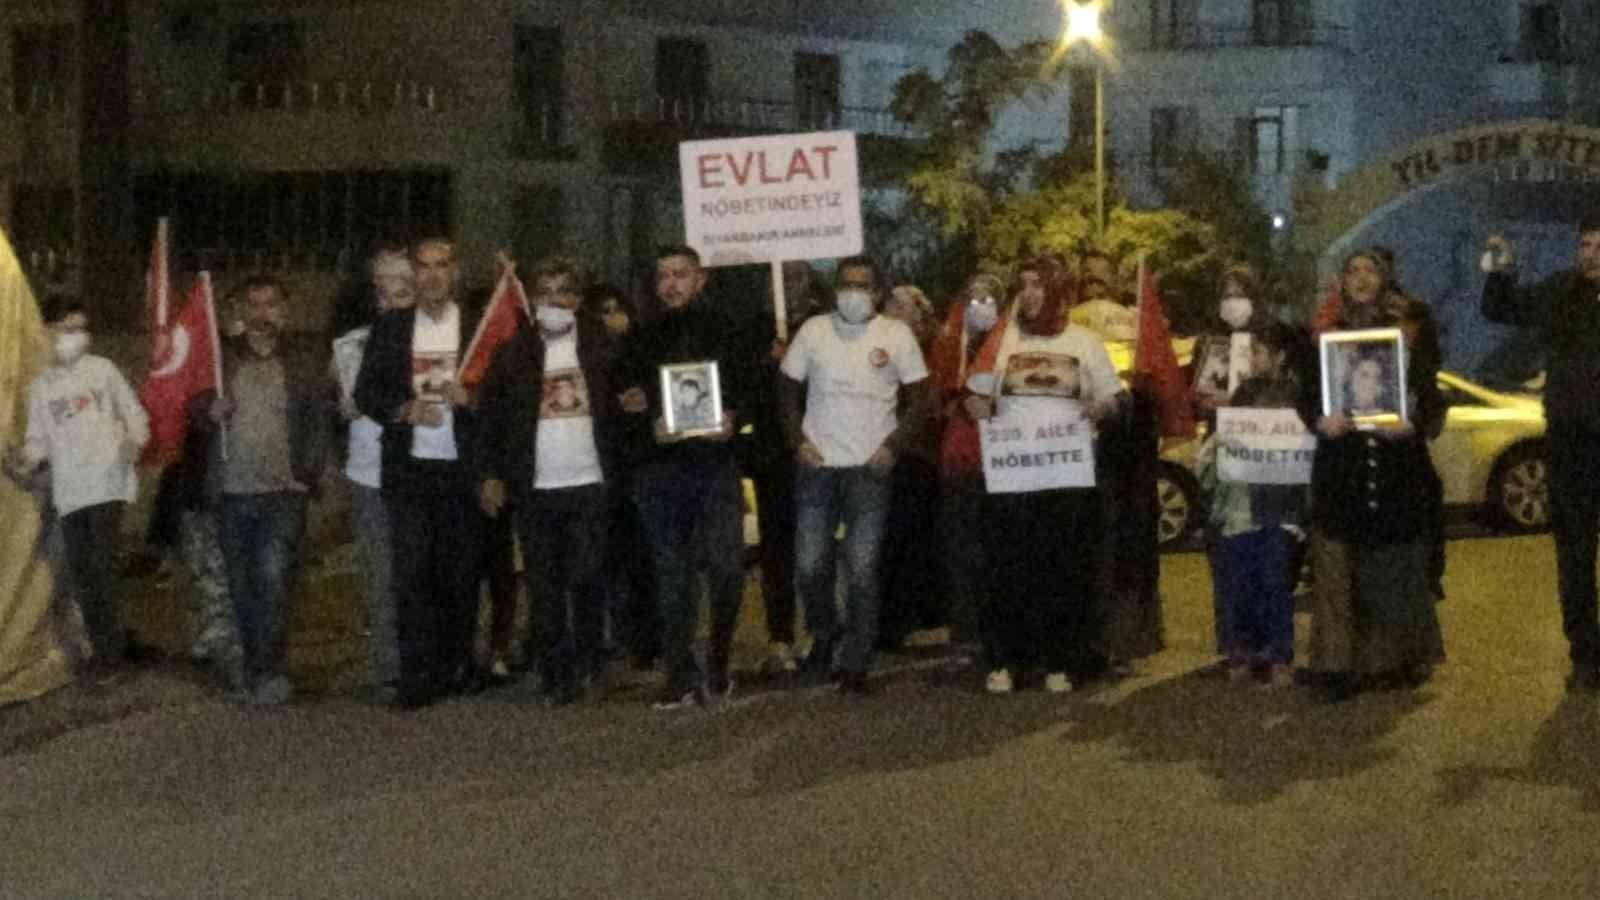 HDP'den kardeşini isteyen ağabey, evlat nöbeti eyleme katıldı